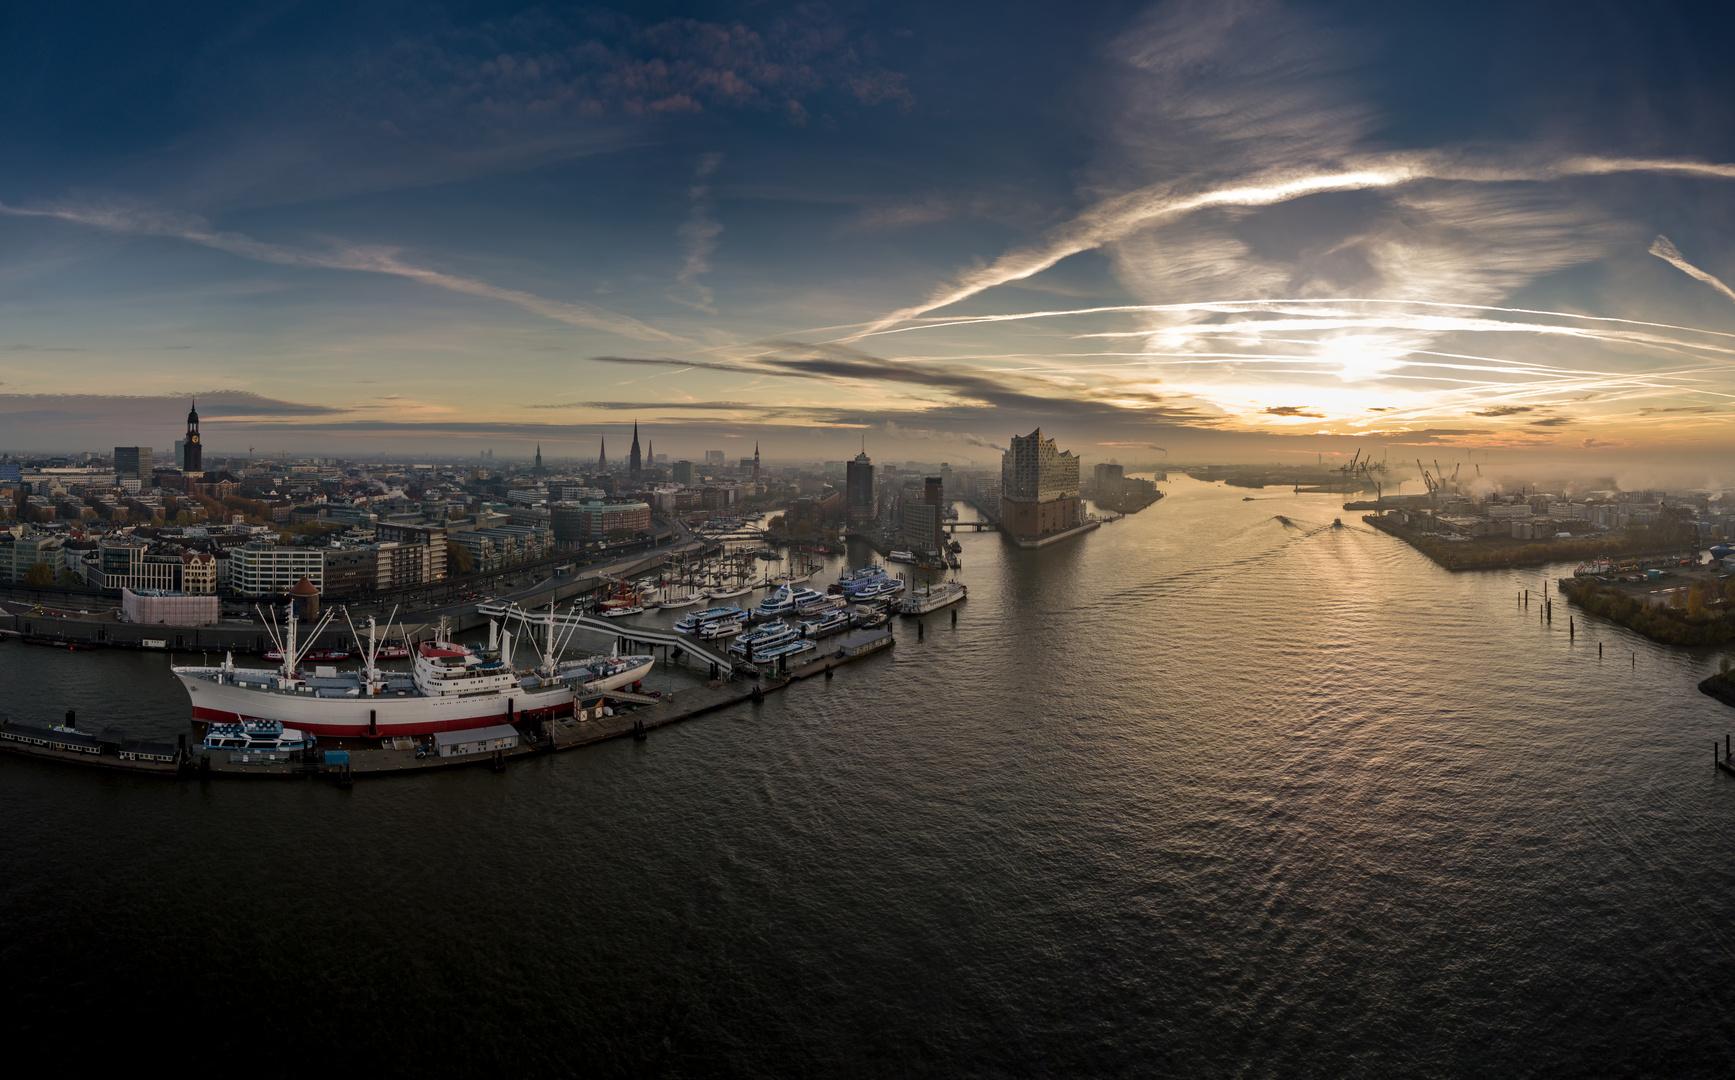 Hamburg mit Elbphilharmonie, Landunsgbrücken, Speicherstadt und Hafencity bei Sonnenaufgang